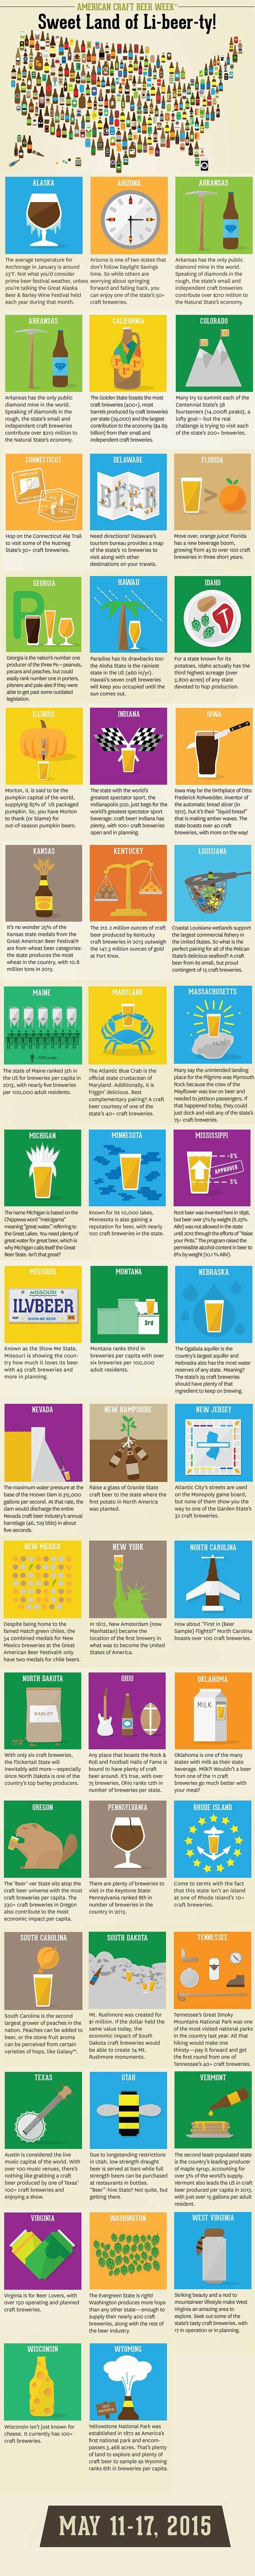 Celebrate American Craft Beer Week! | Craftbeer.com